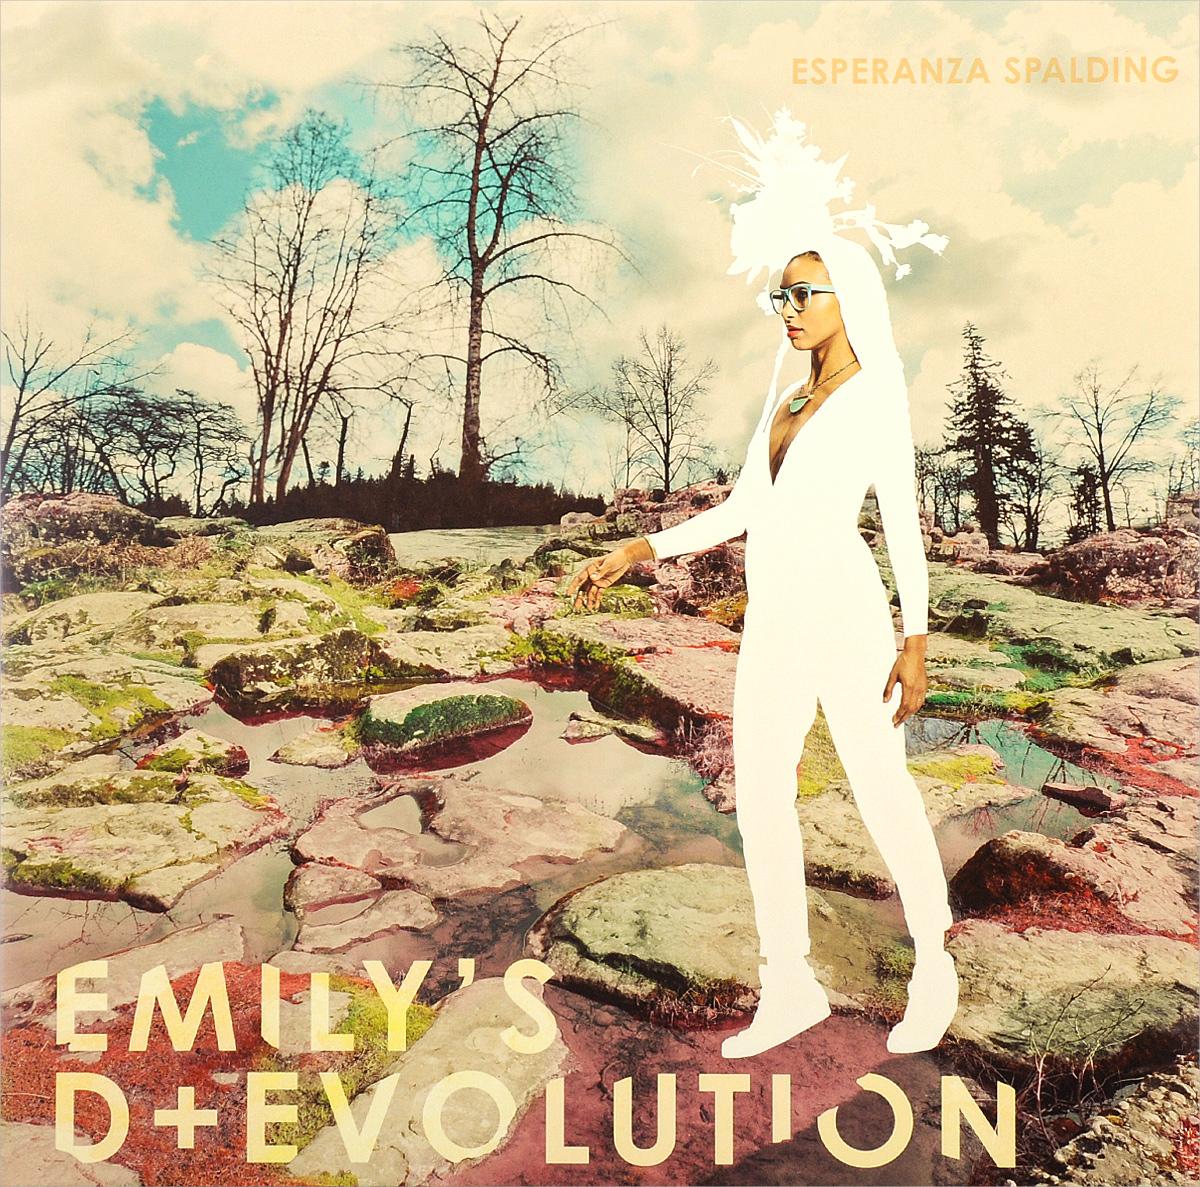 Фото - Эсперанса Сполдинг Esperanza Spalding. Emily's D+Evolution (LP)